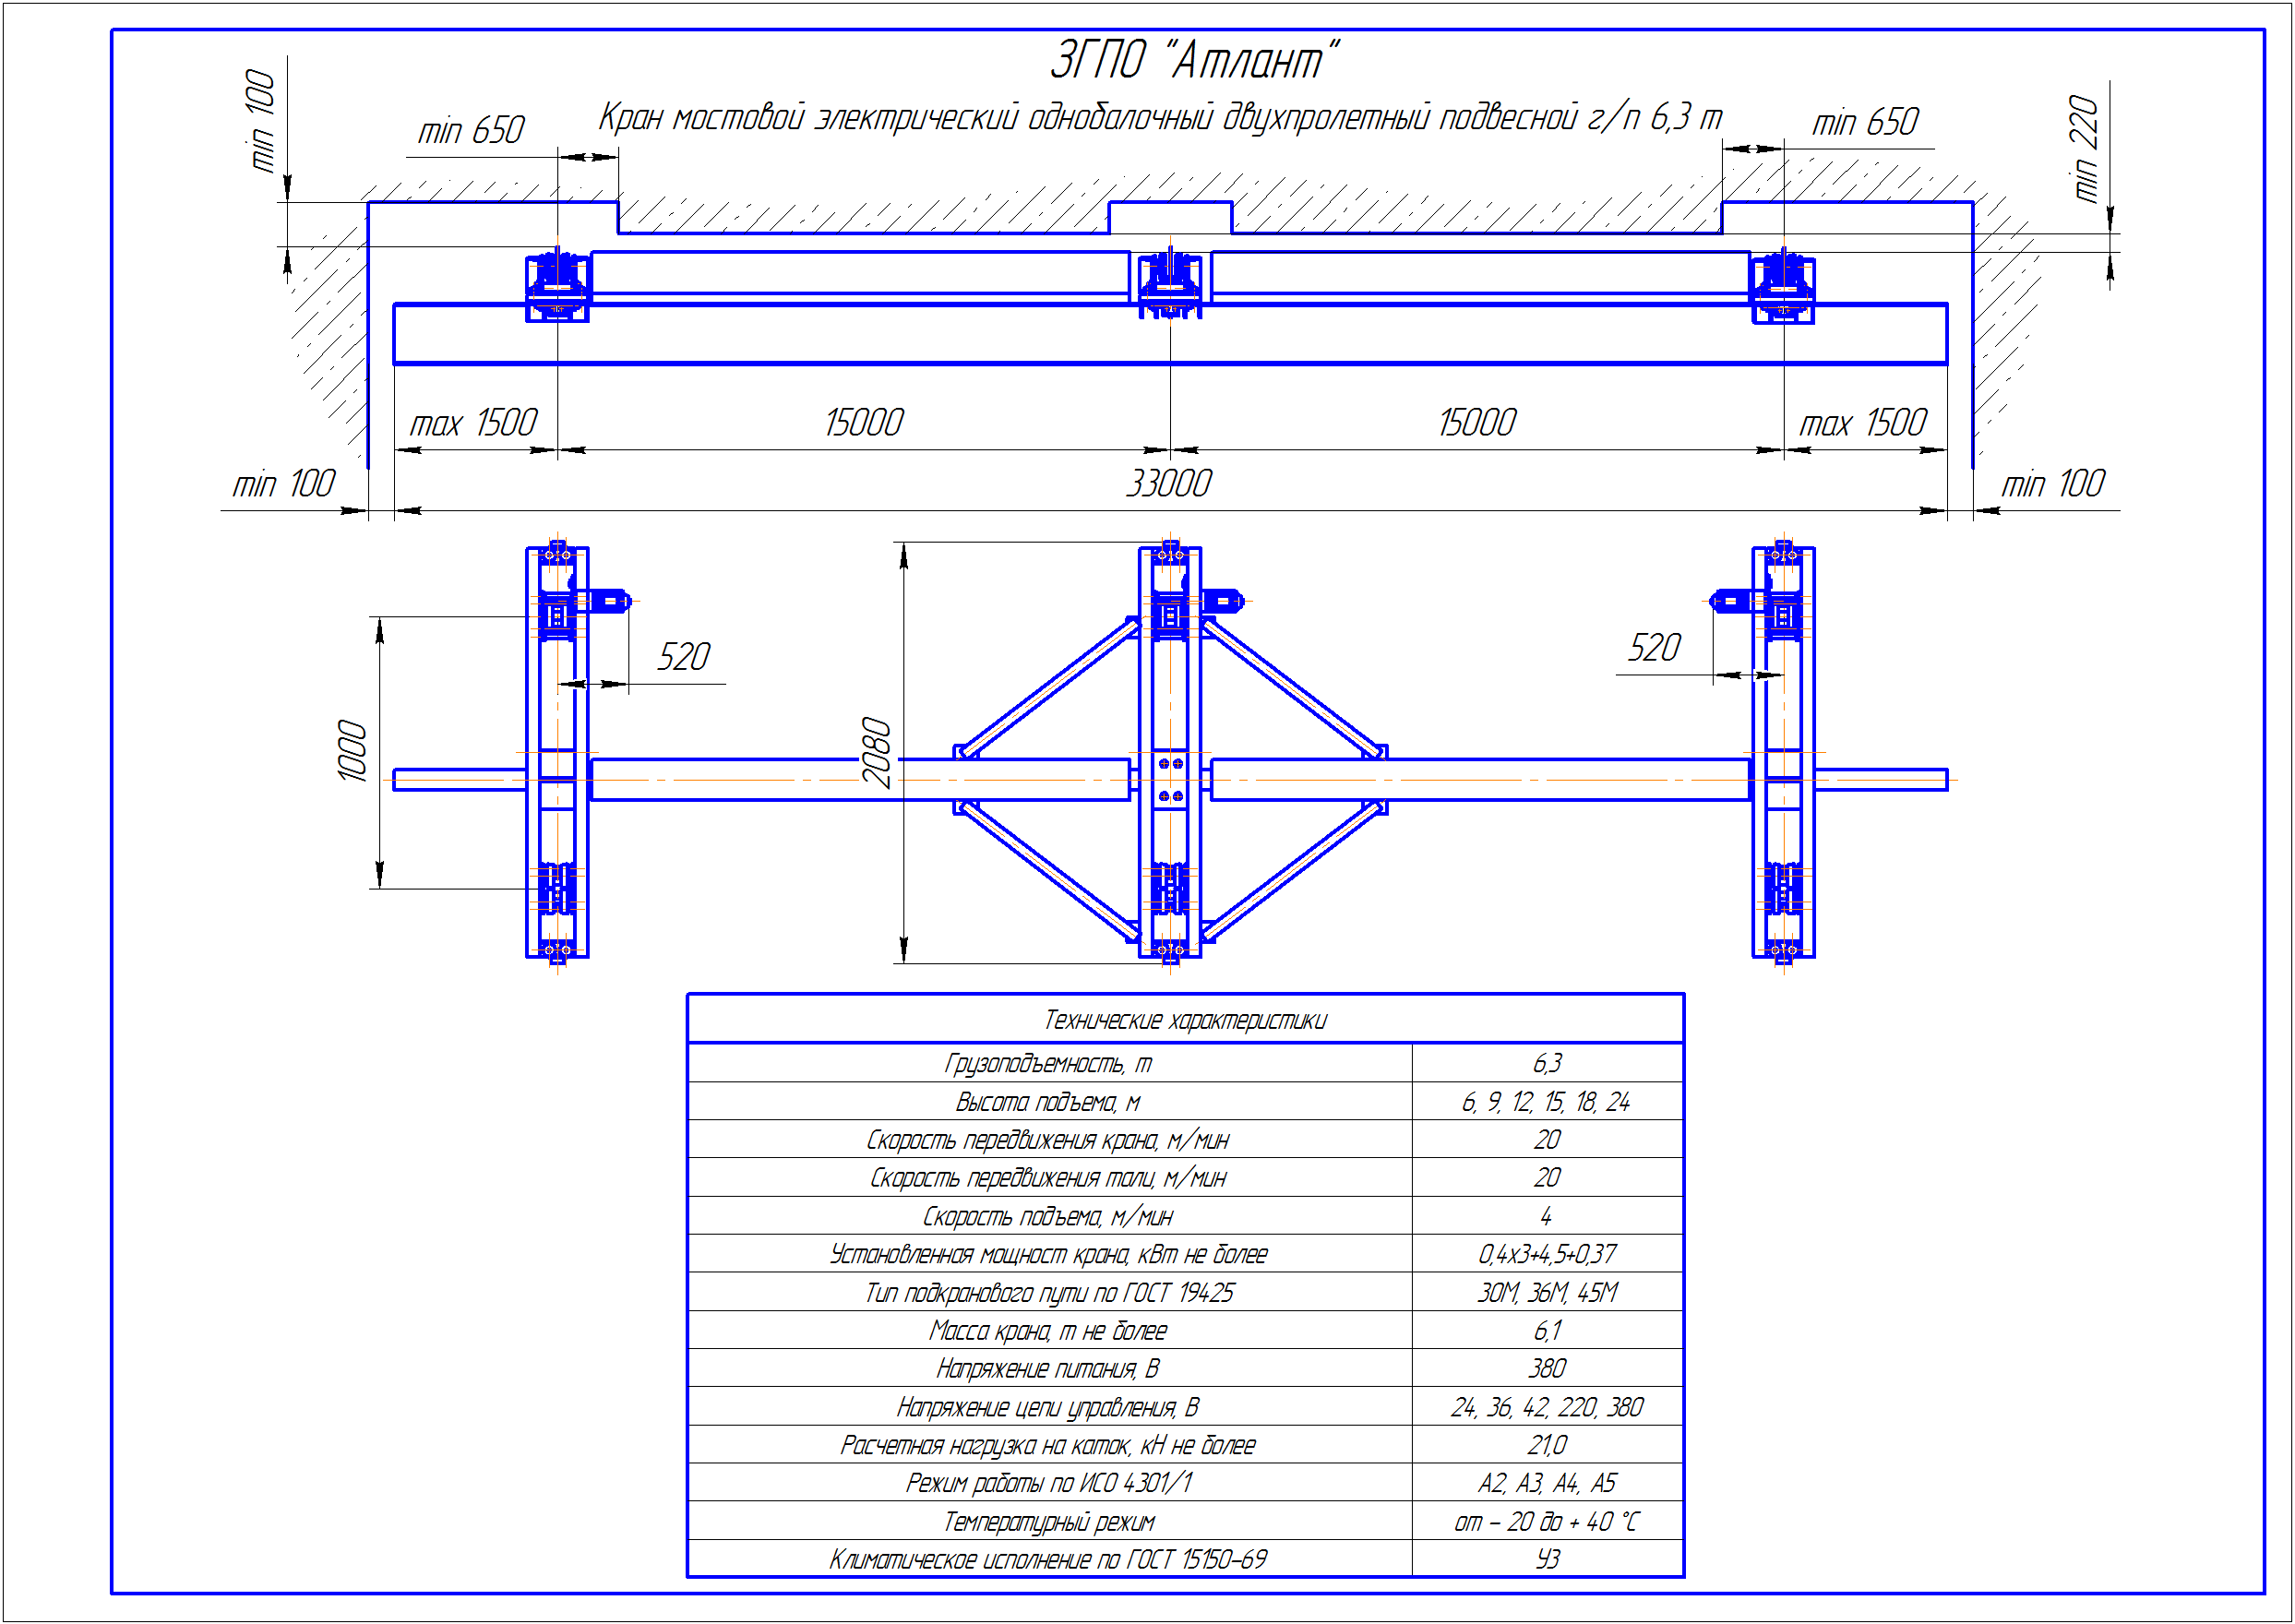 KBPD 5 5 - Подвесная кран балка двухпролетная